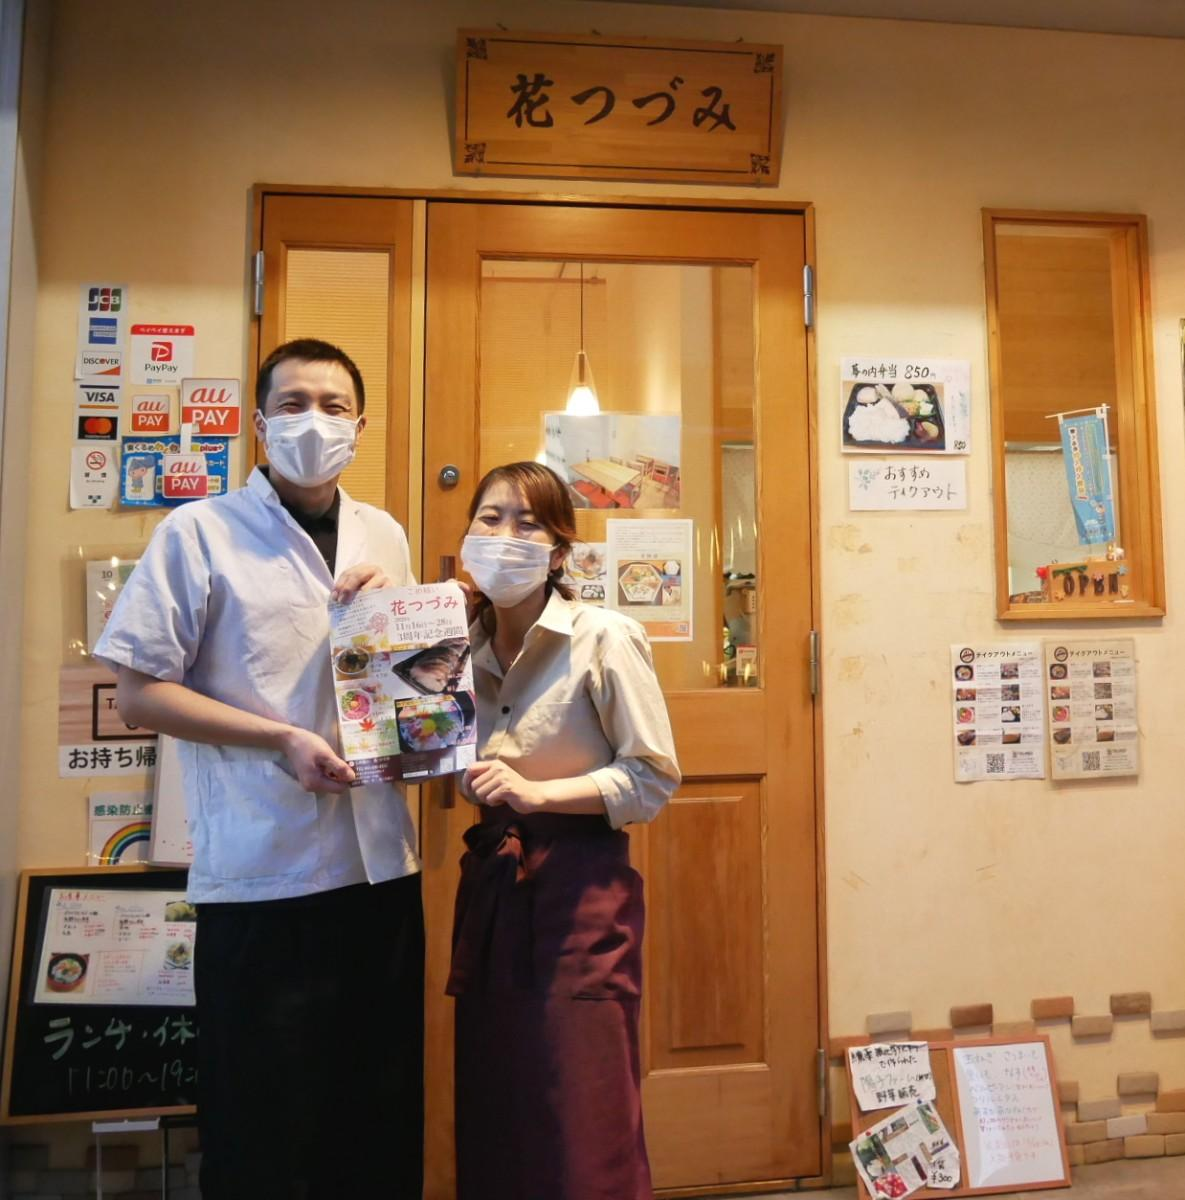 店主の橋本半四郎さんと由美子さん夫妻